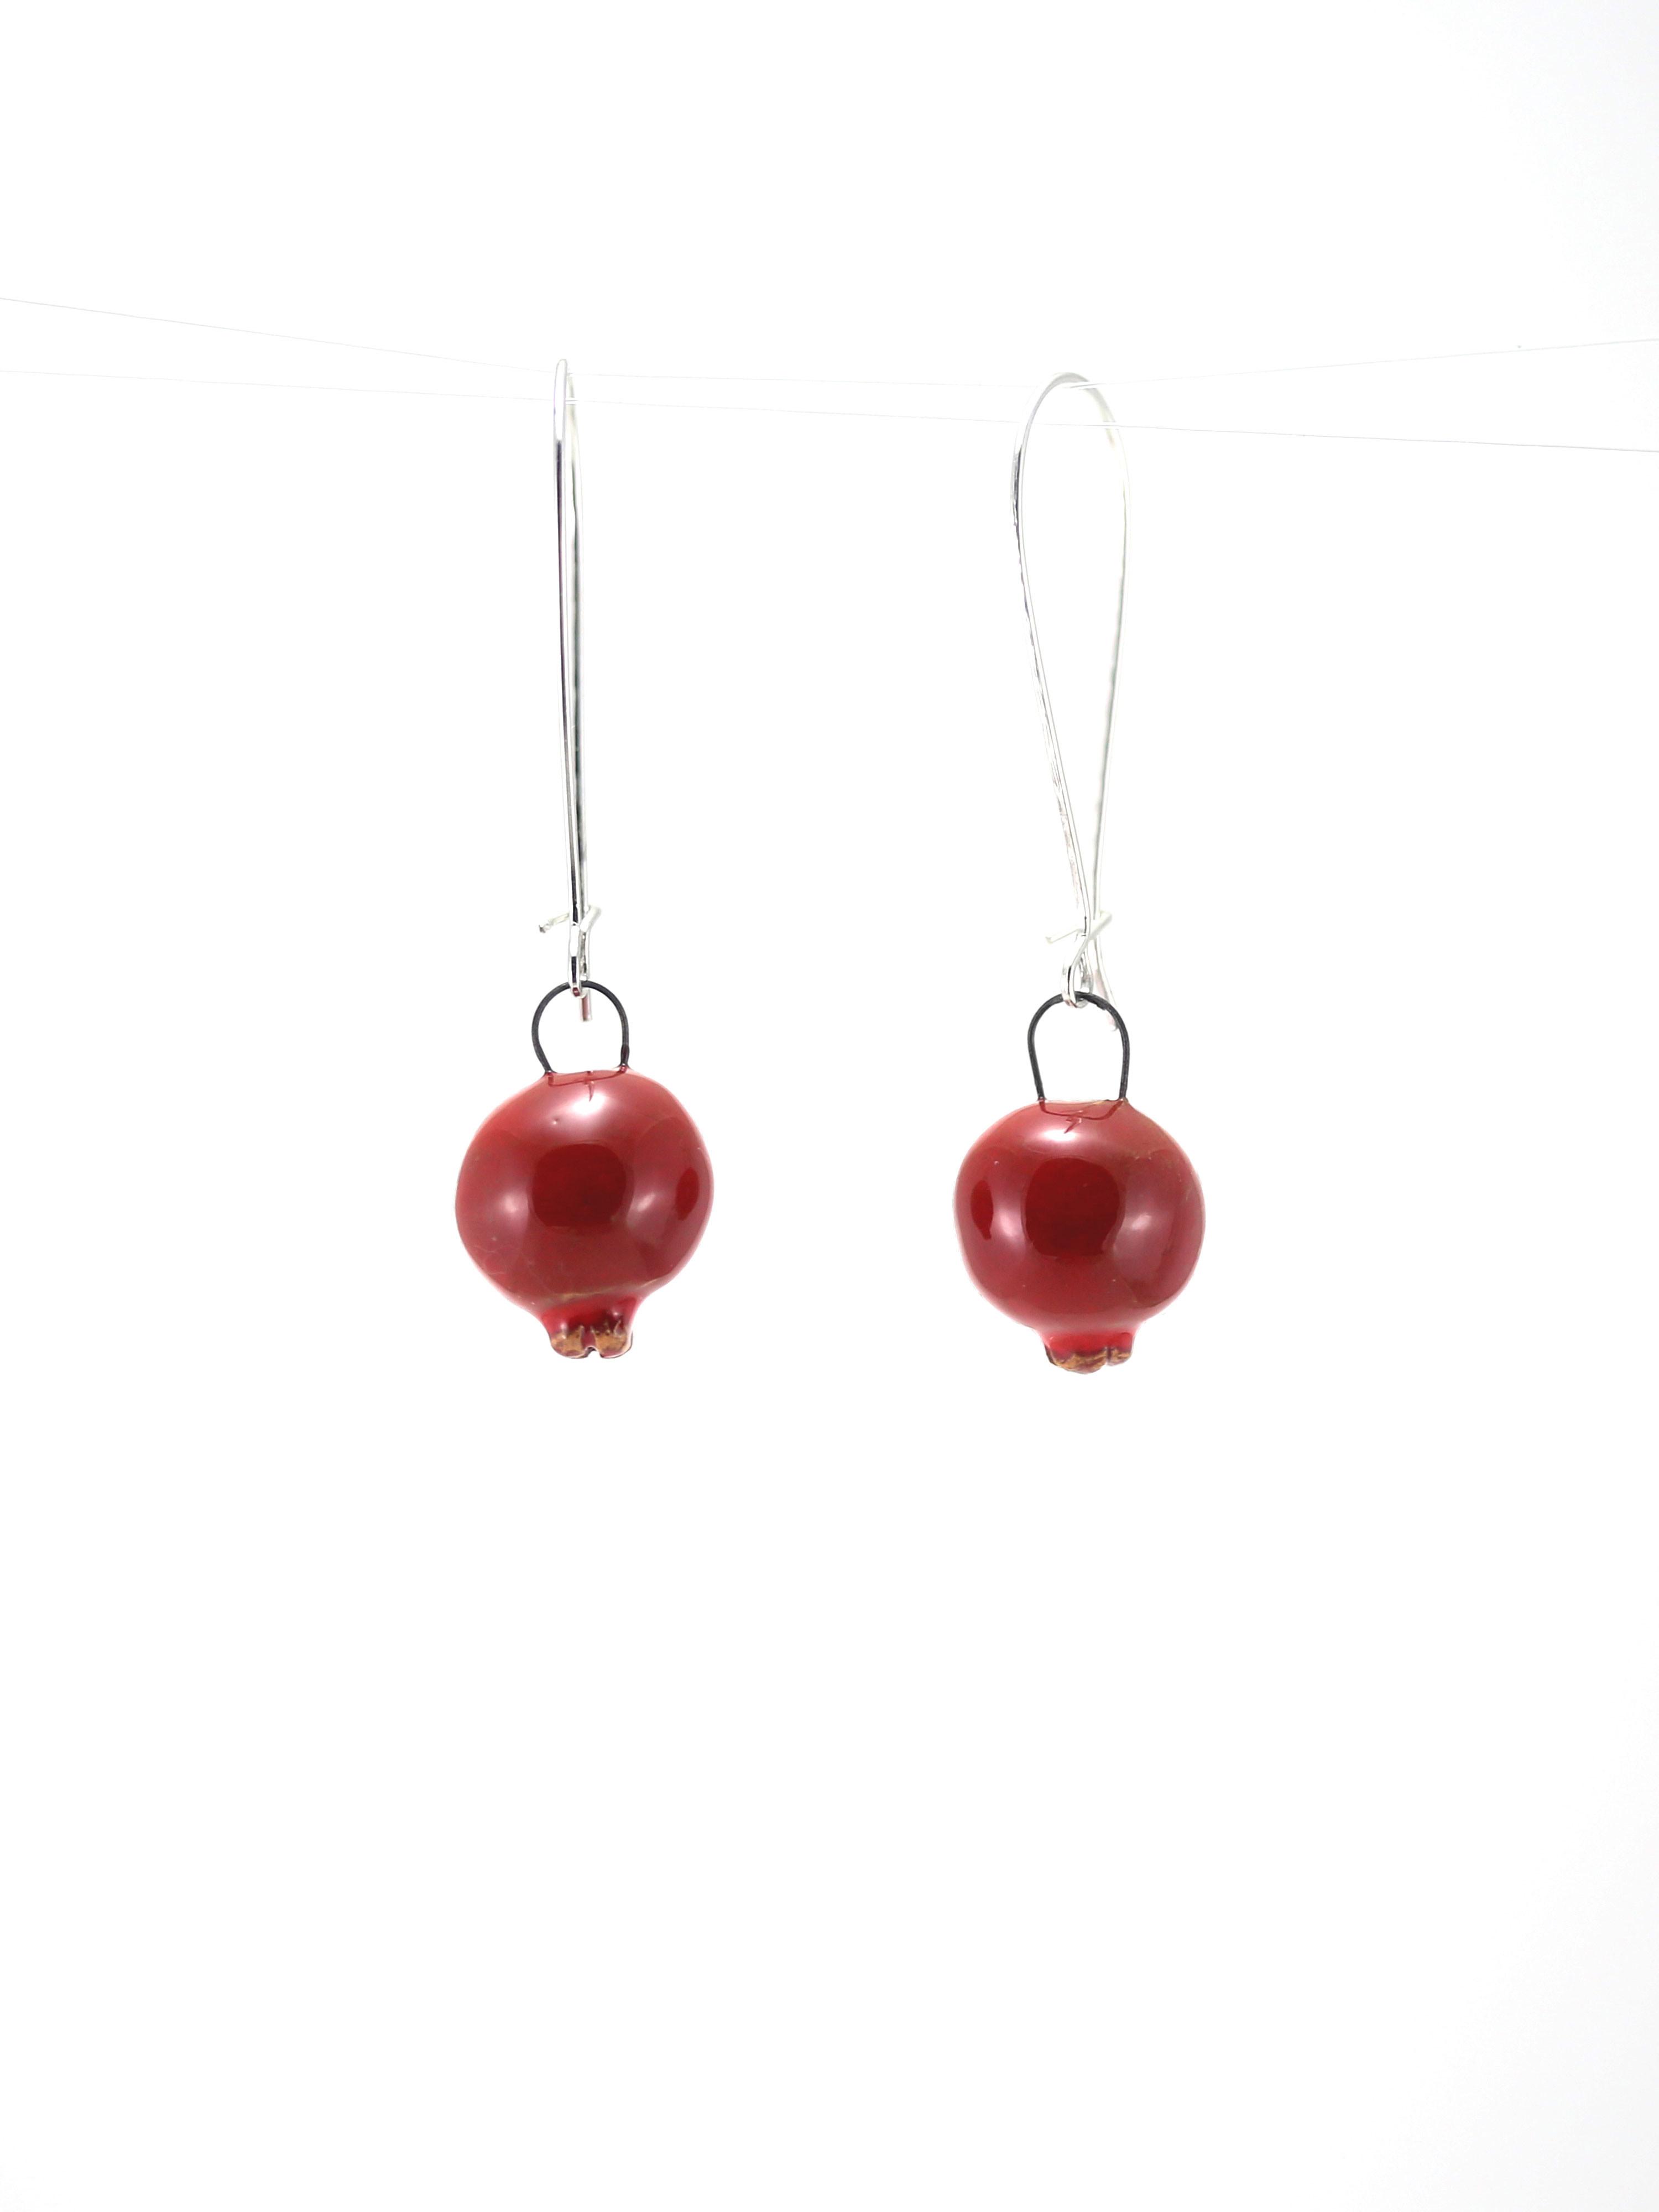 Immagine di orecchini melagrana pendenti colore rosso su sfondo bianco. Orecchini artigianali in ceramica